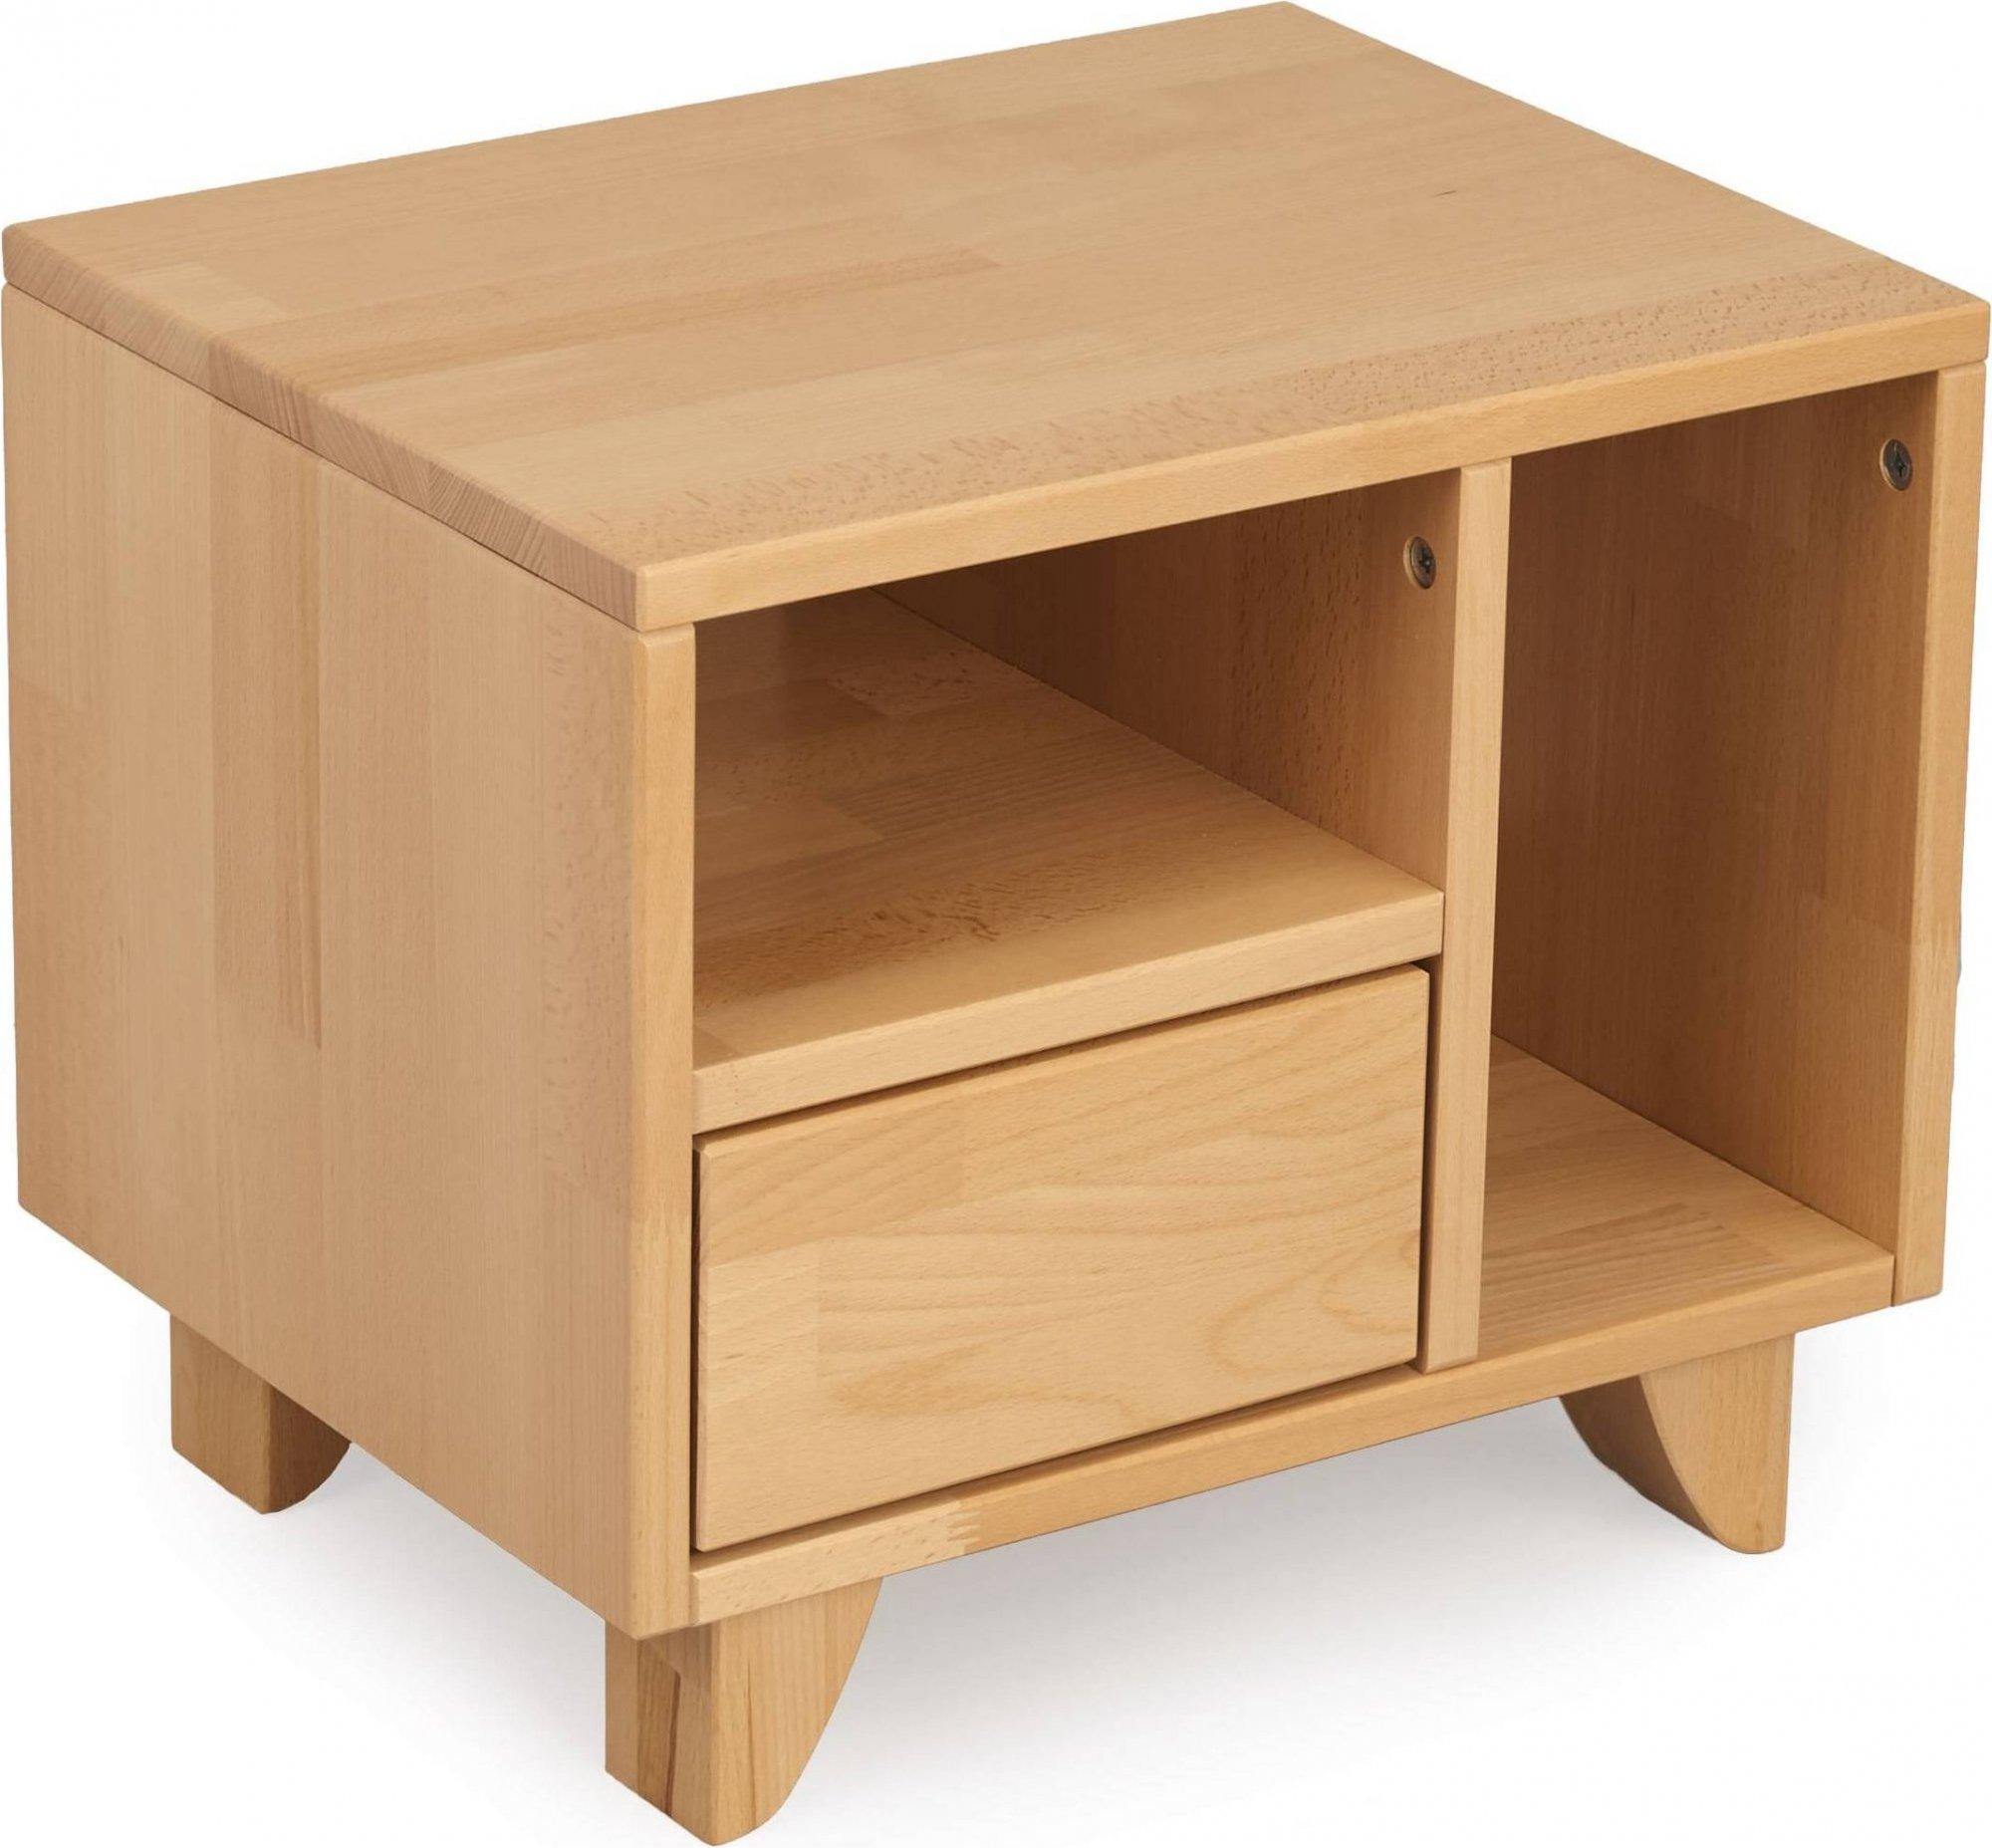 Table de chevet 2 niches 1 tiroir en hêtre massif bois clair